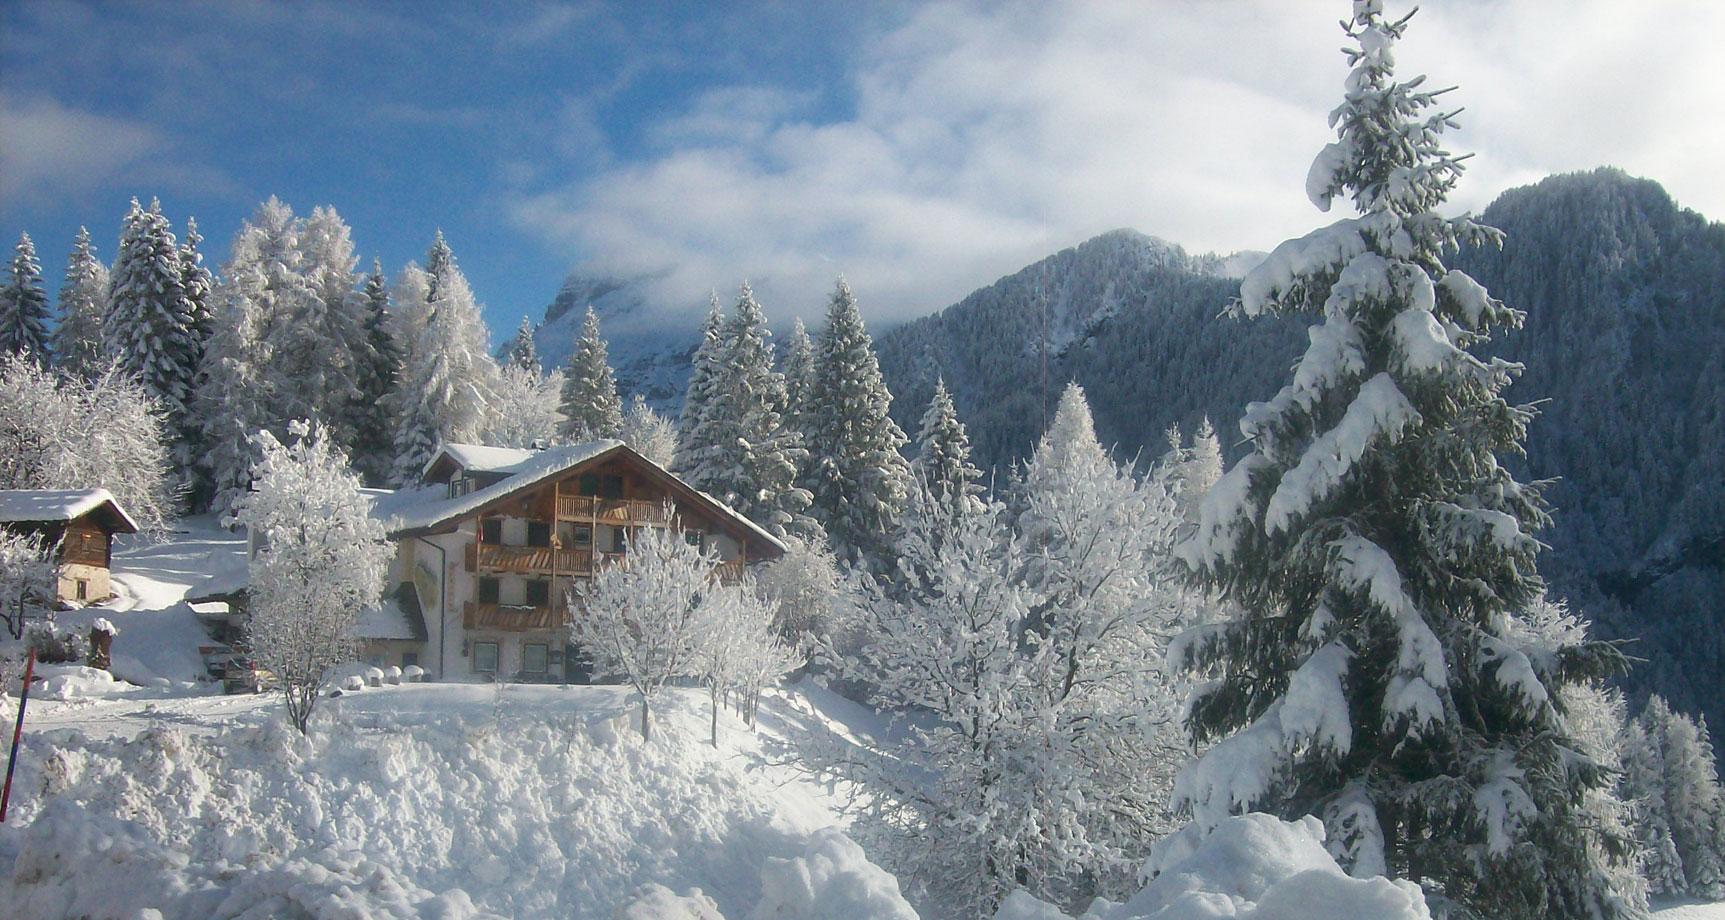 Rifugio caltena baita di charme home for Rifugio in baita di montagna